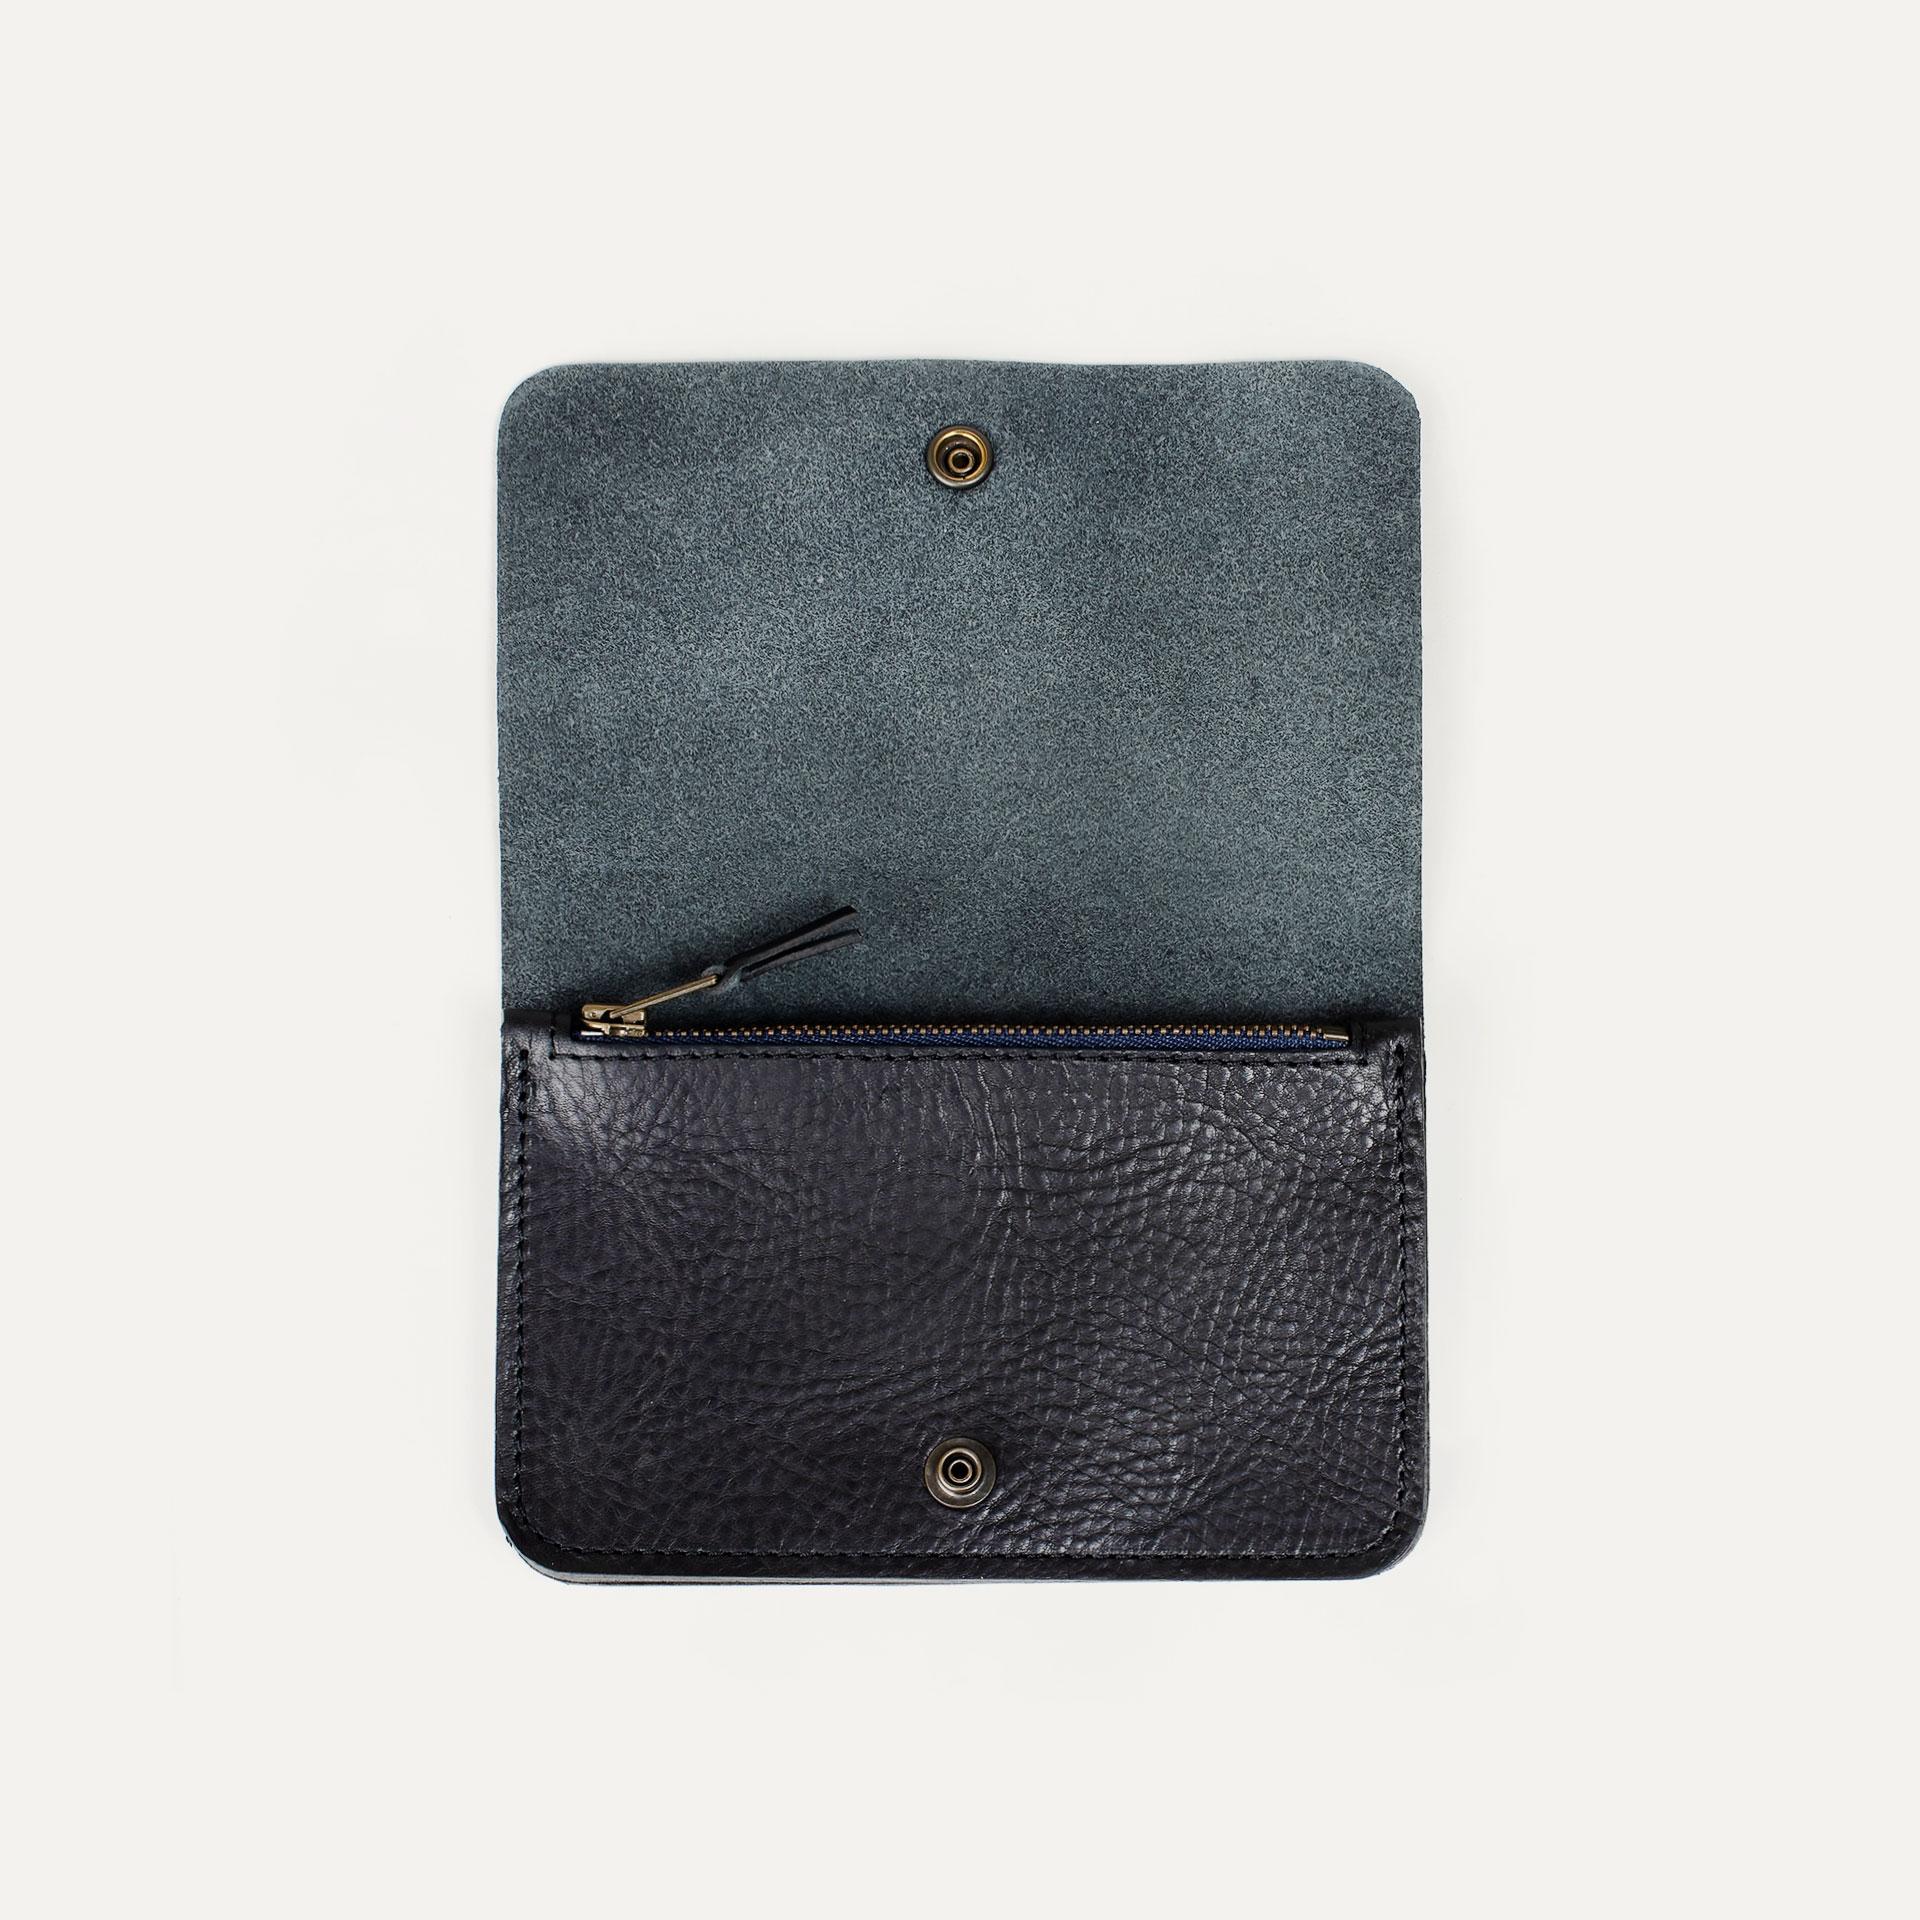 Grisbi wallet - Black (image n°3)